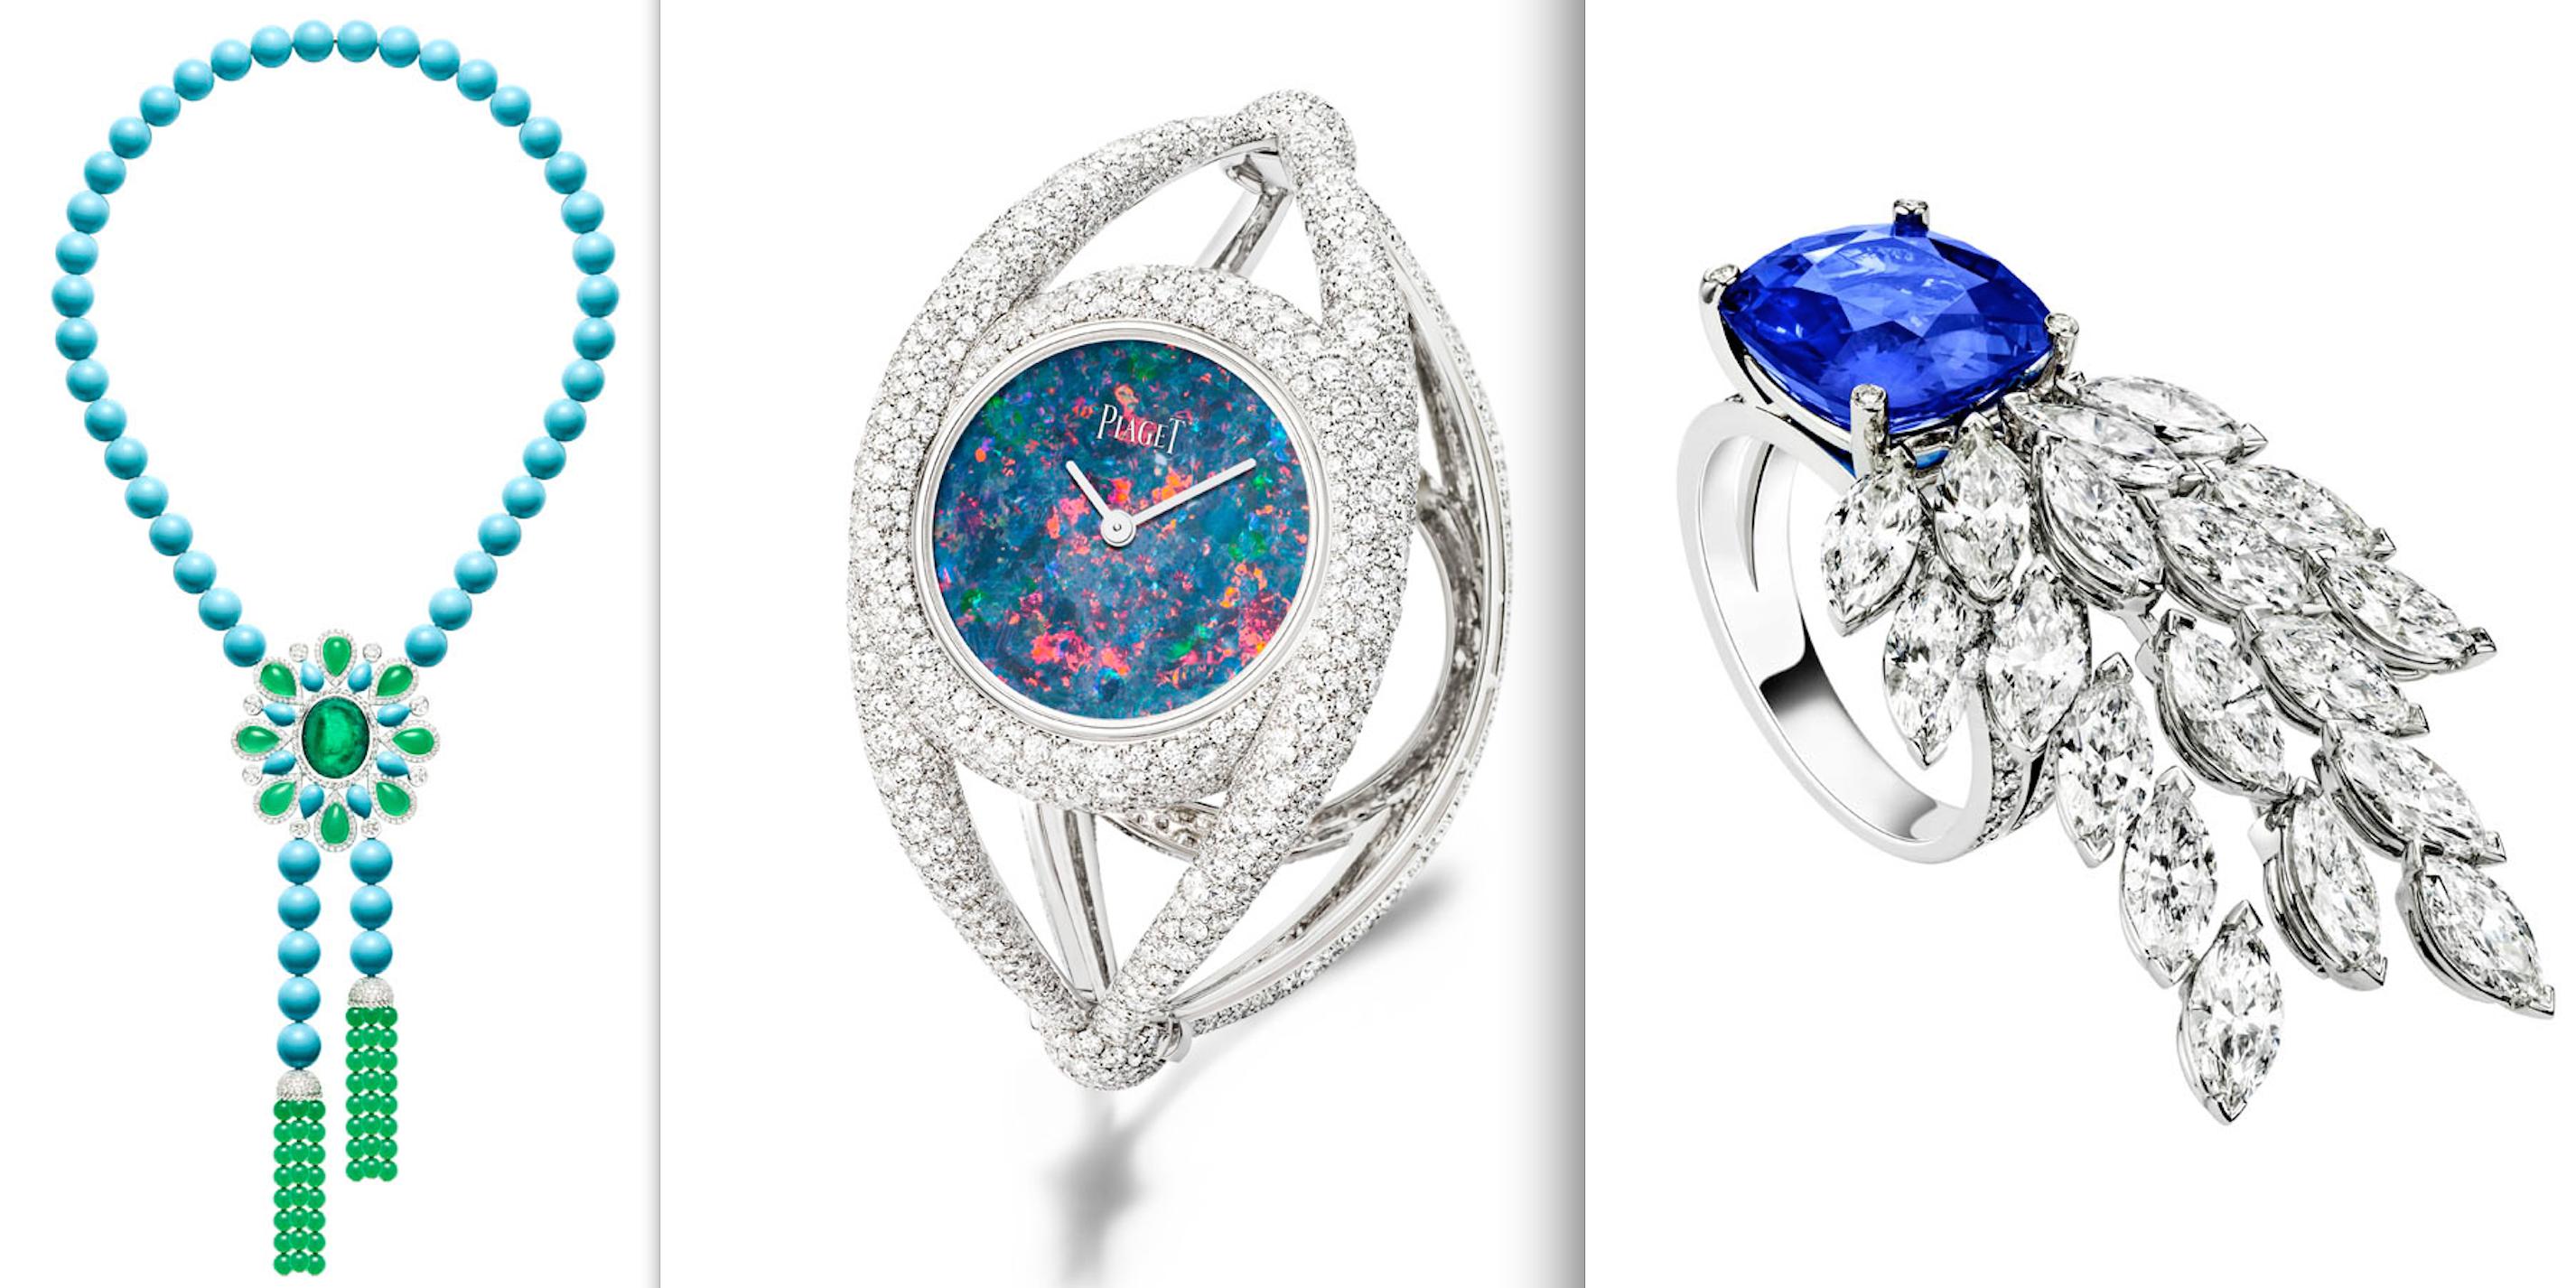 今年伯爵Piaget正踏入140周年,所以在這次古董雙年展帶大家回望品牌1960至70年的大膽傑作。此外,還特別創作了88件珠寶和37枚腕錶等華麗藝術品來慶生。